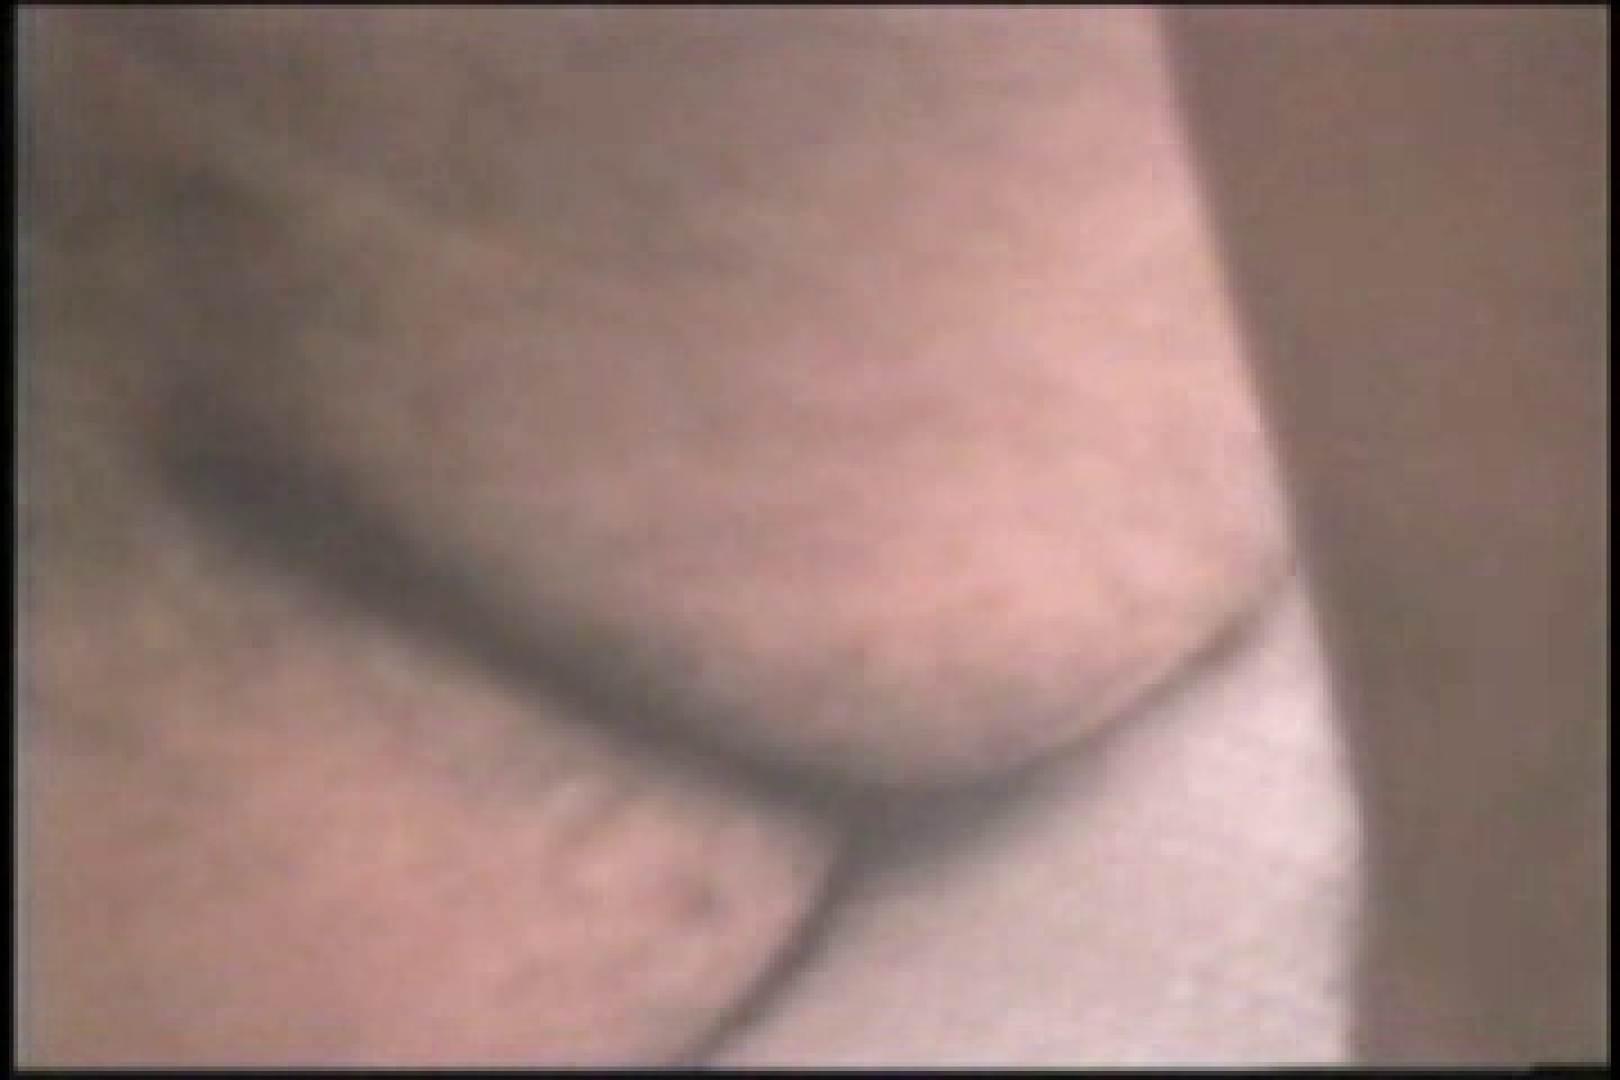 ファンキーな黒人さん!!BLACK POWER 02 メンズのカップル ゲイ無修正ビデオ画像 99画像 66